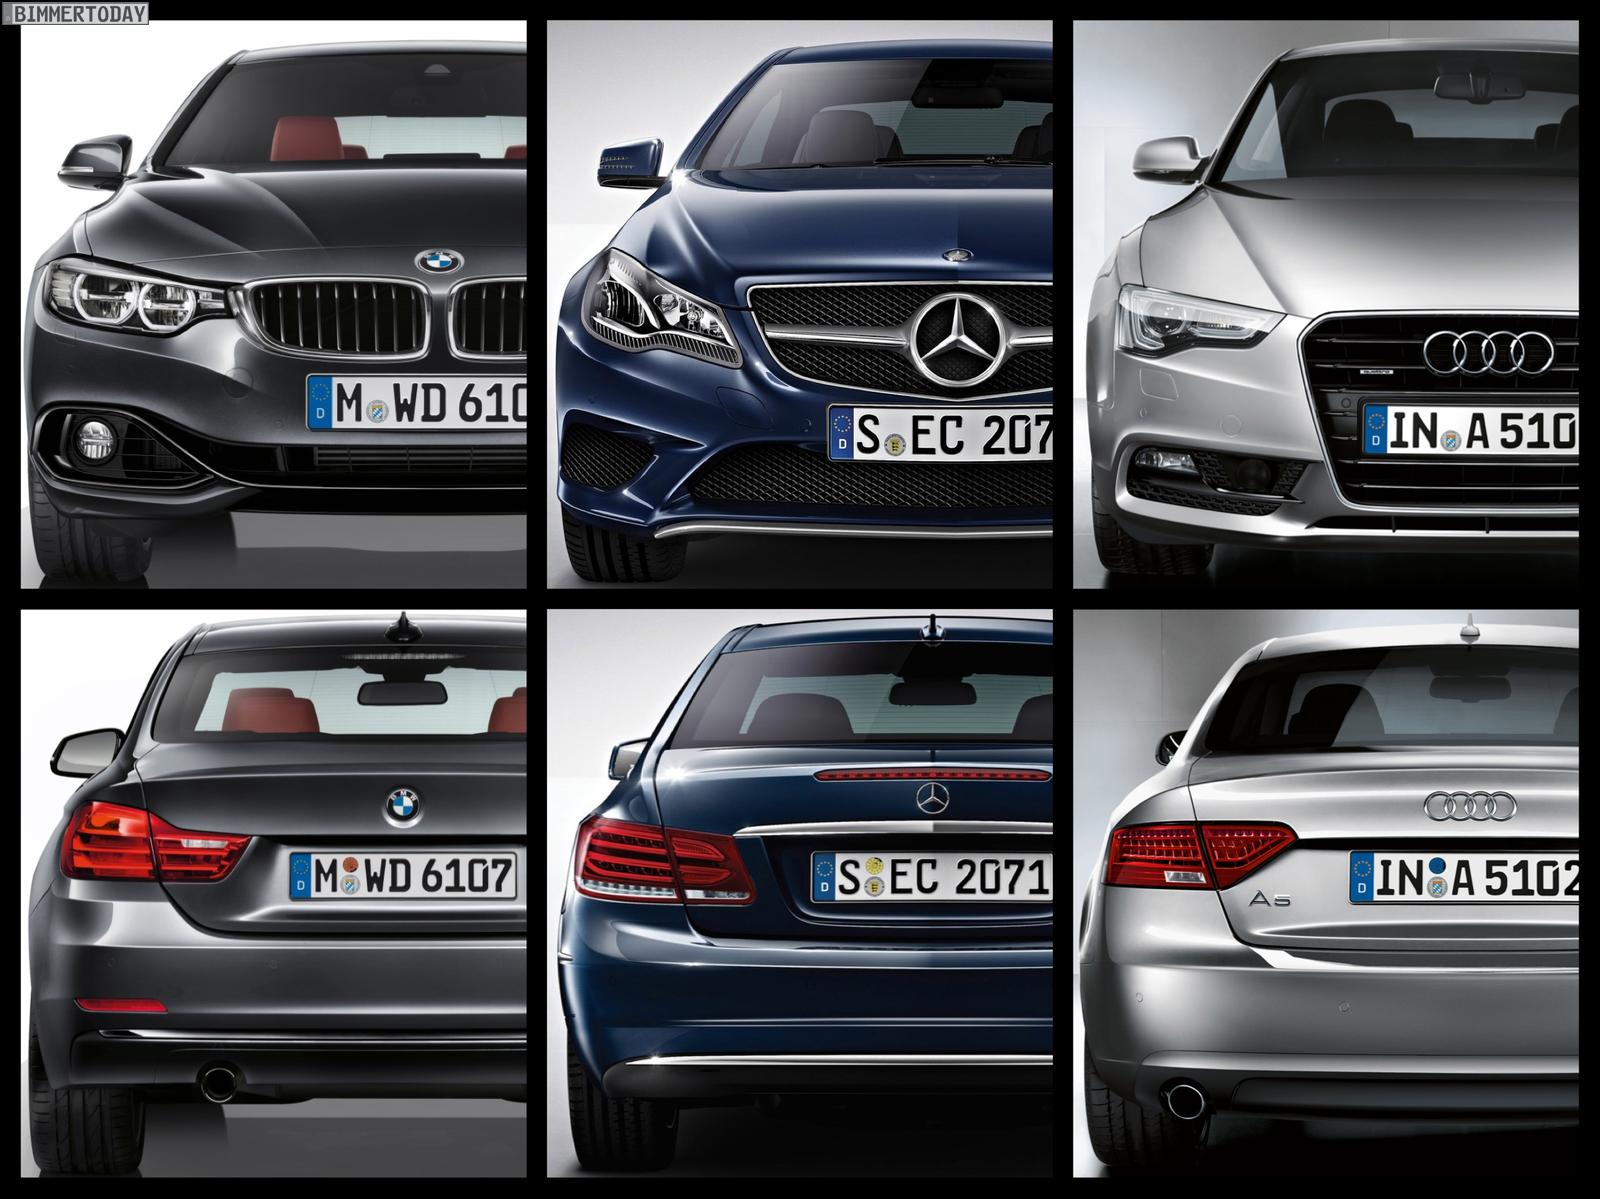 Bild Vergleich Bmw 4er F32 Audi A5 Und Mercedes E Klasse